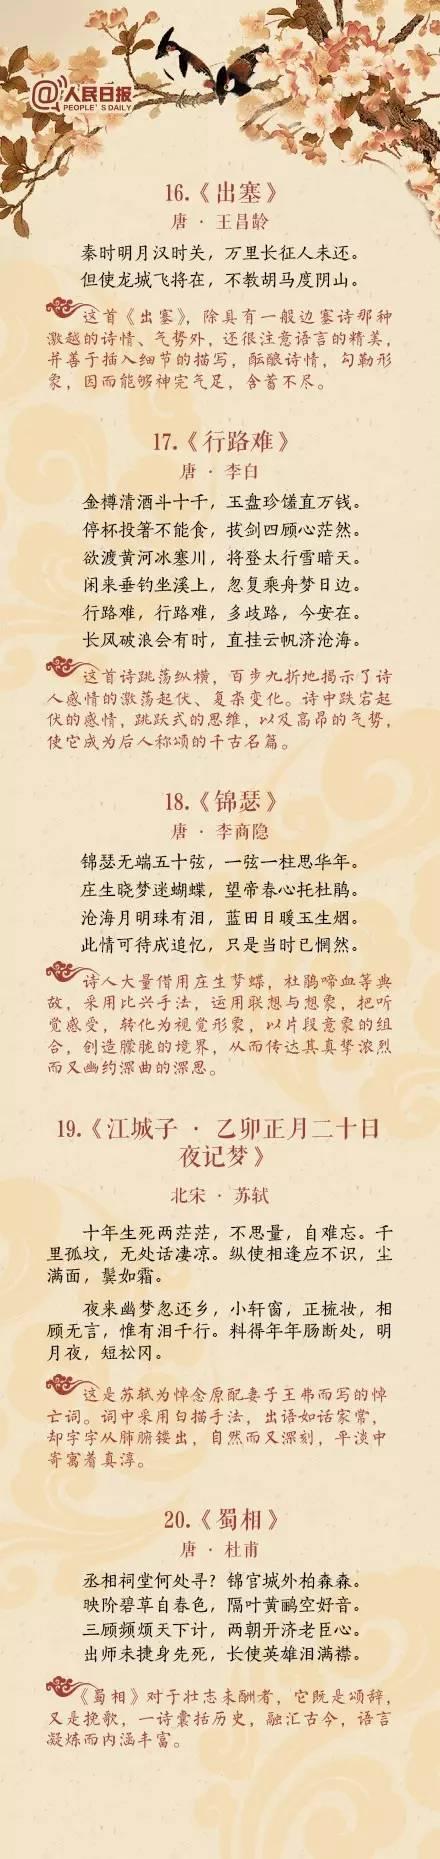 中国历史上高水平的40首诗词 - 上海云儿 - 一万年太久,只争朝夕。